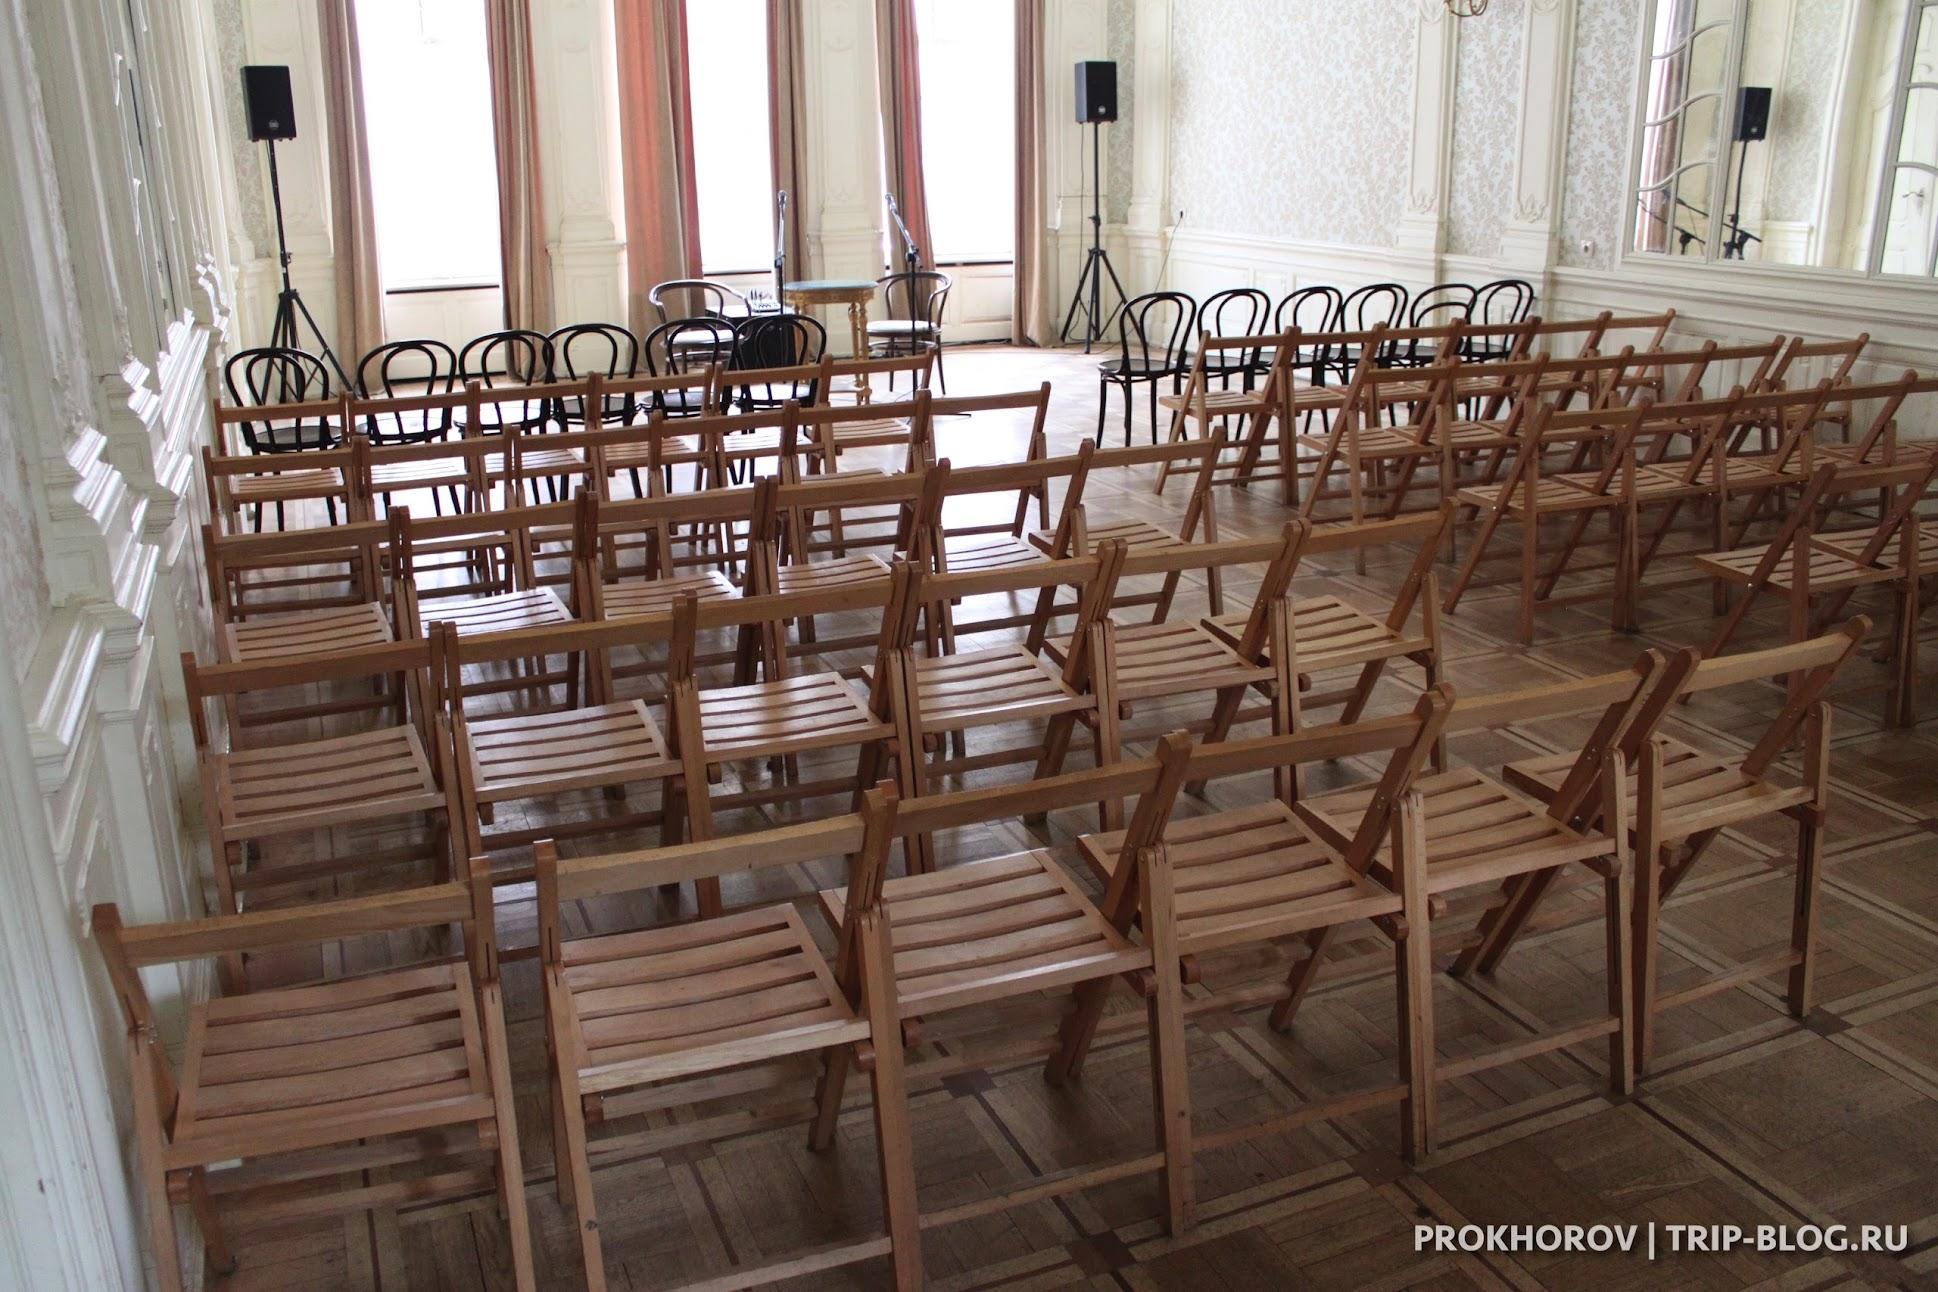 Дом писателей и литературное кафе Литера